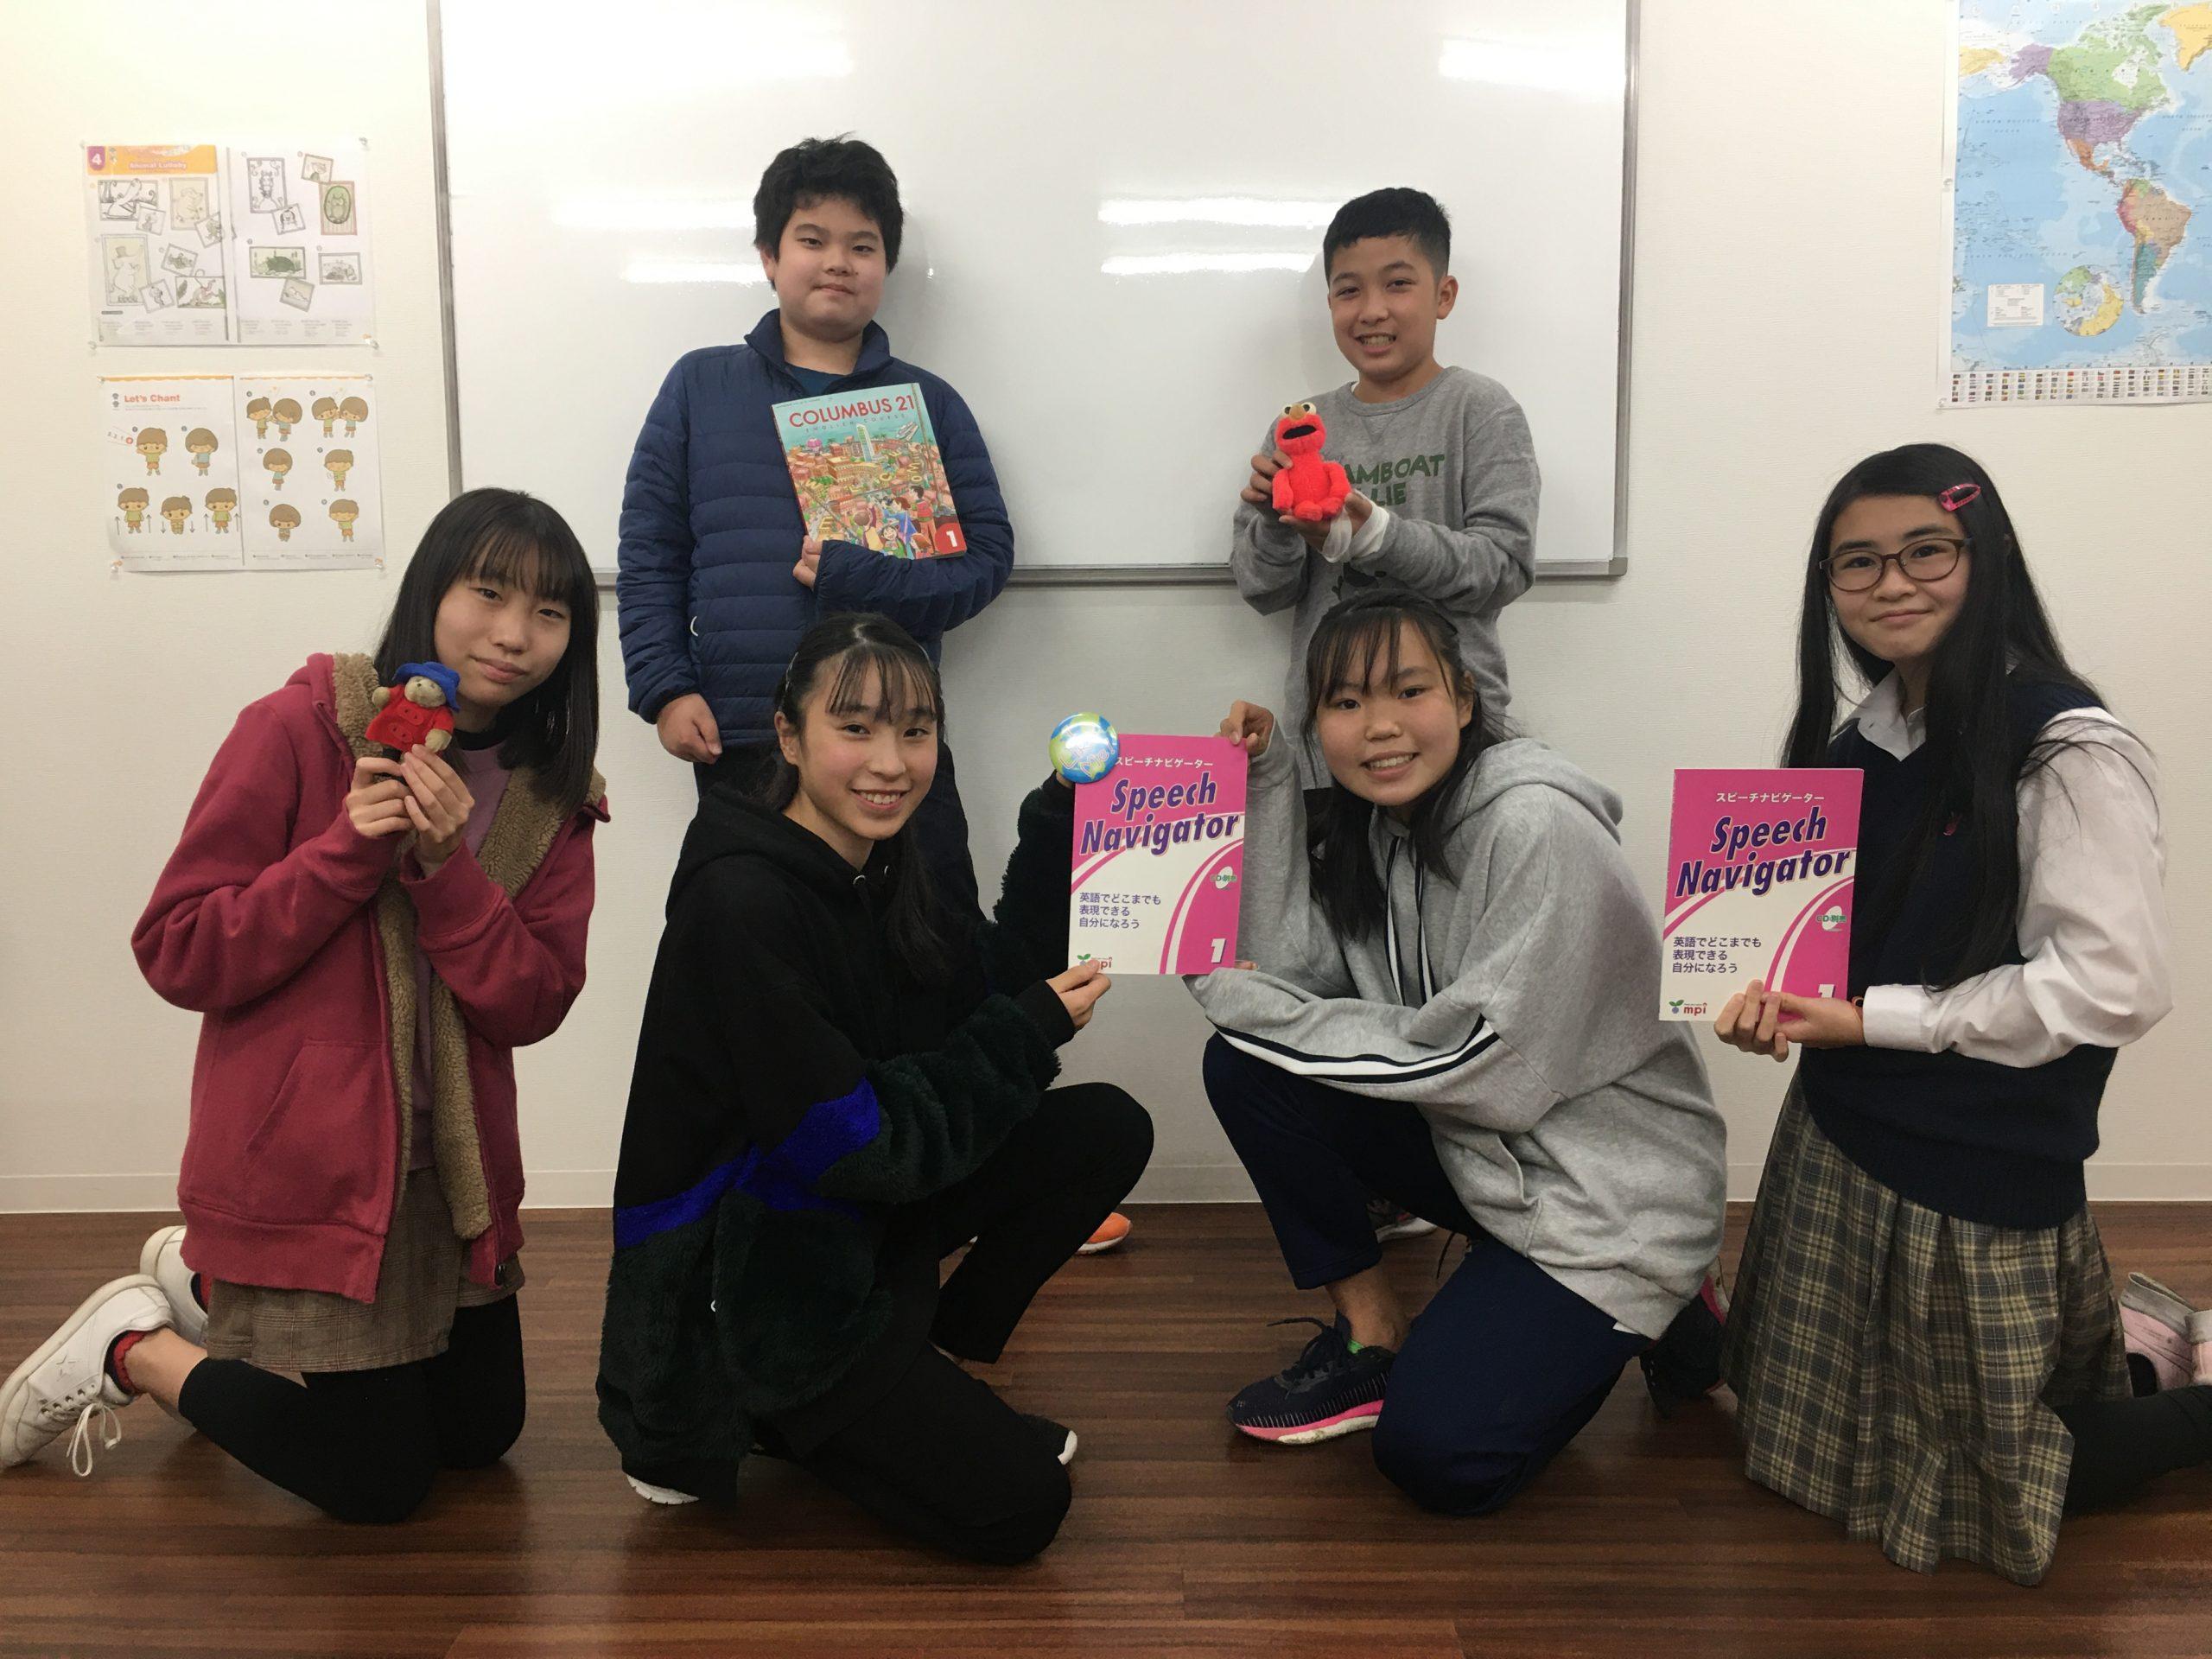 英語中学生